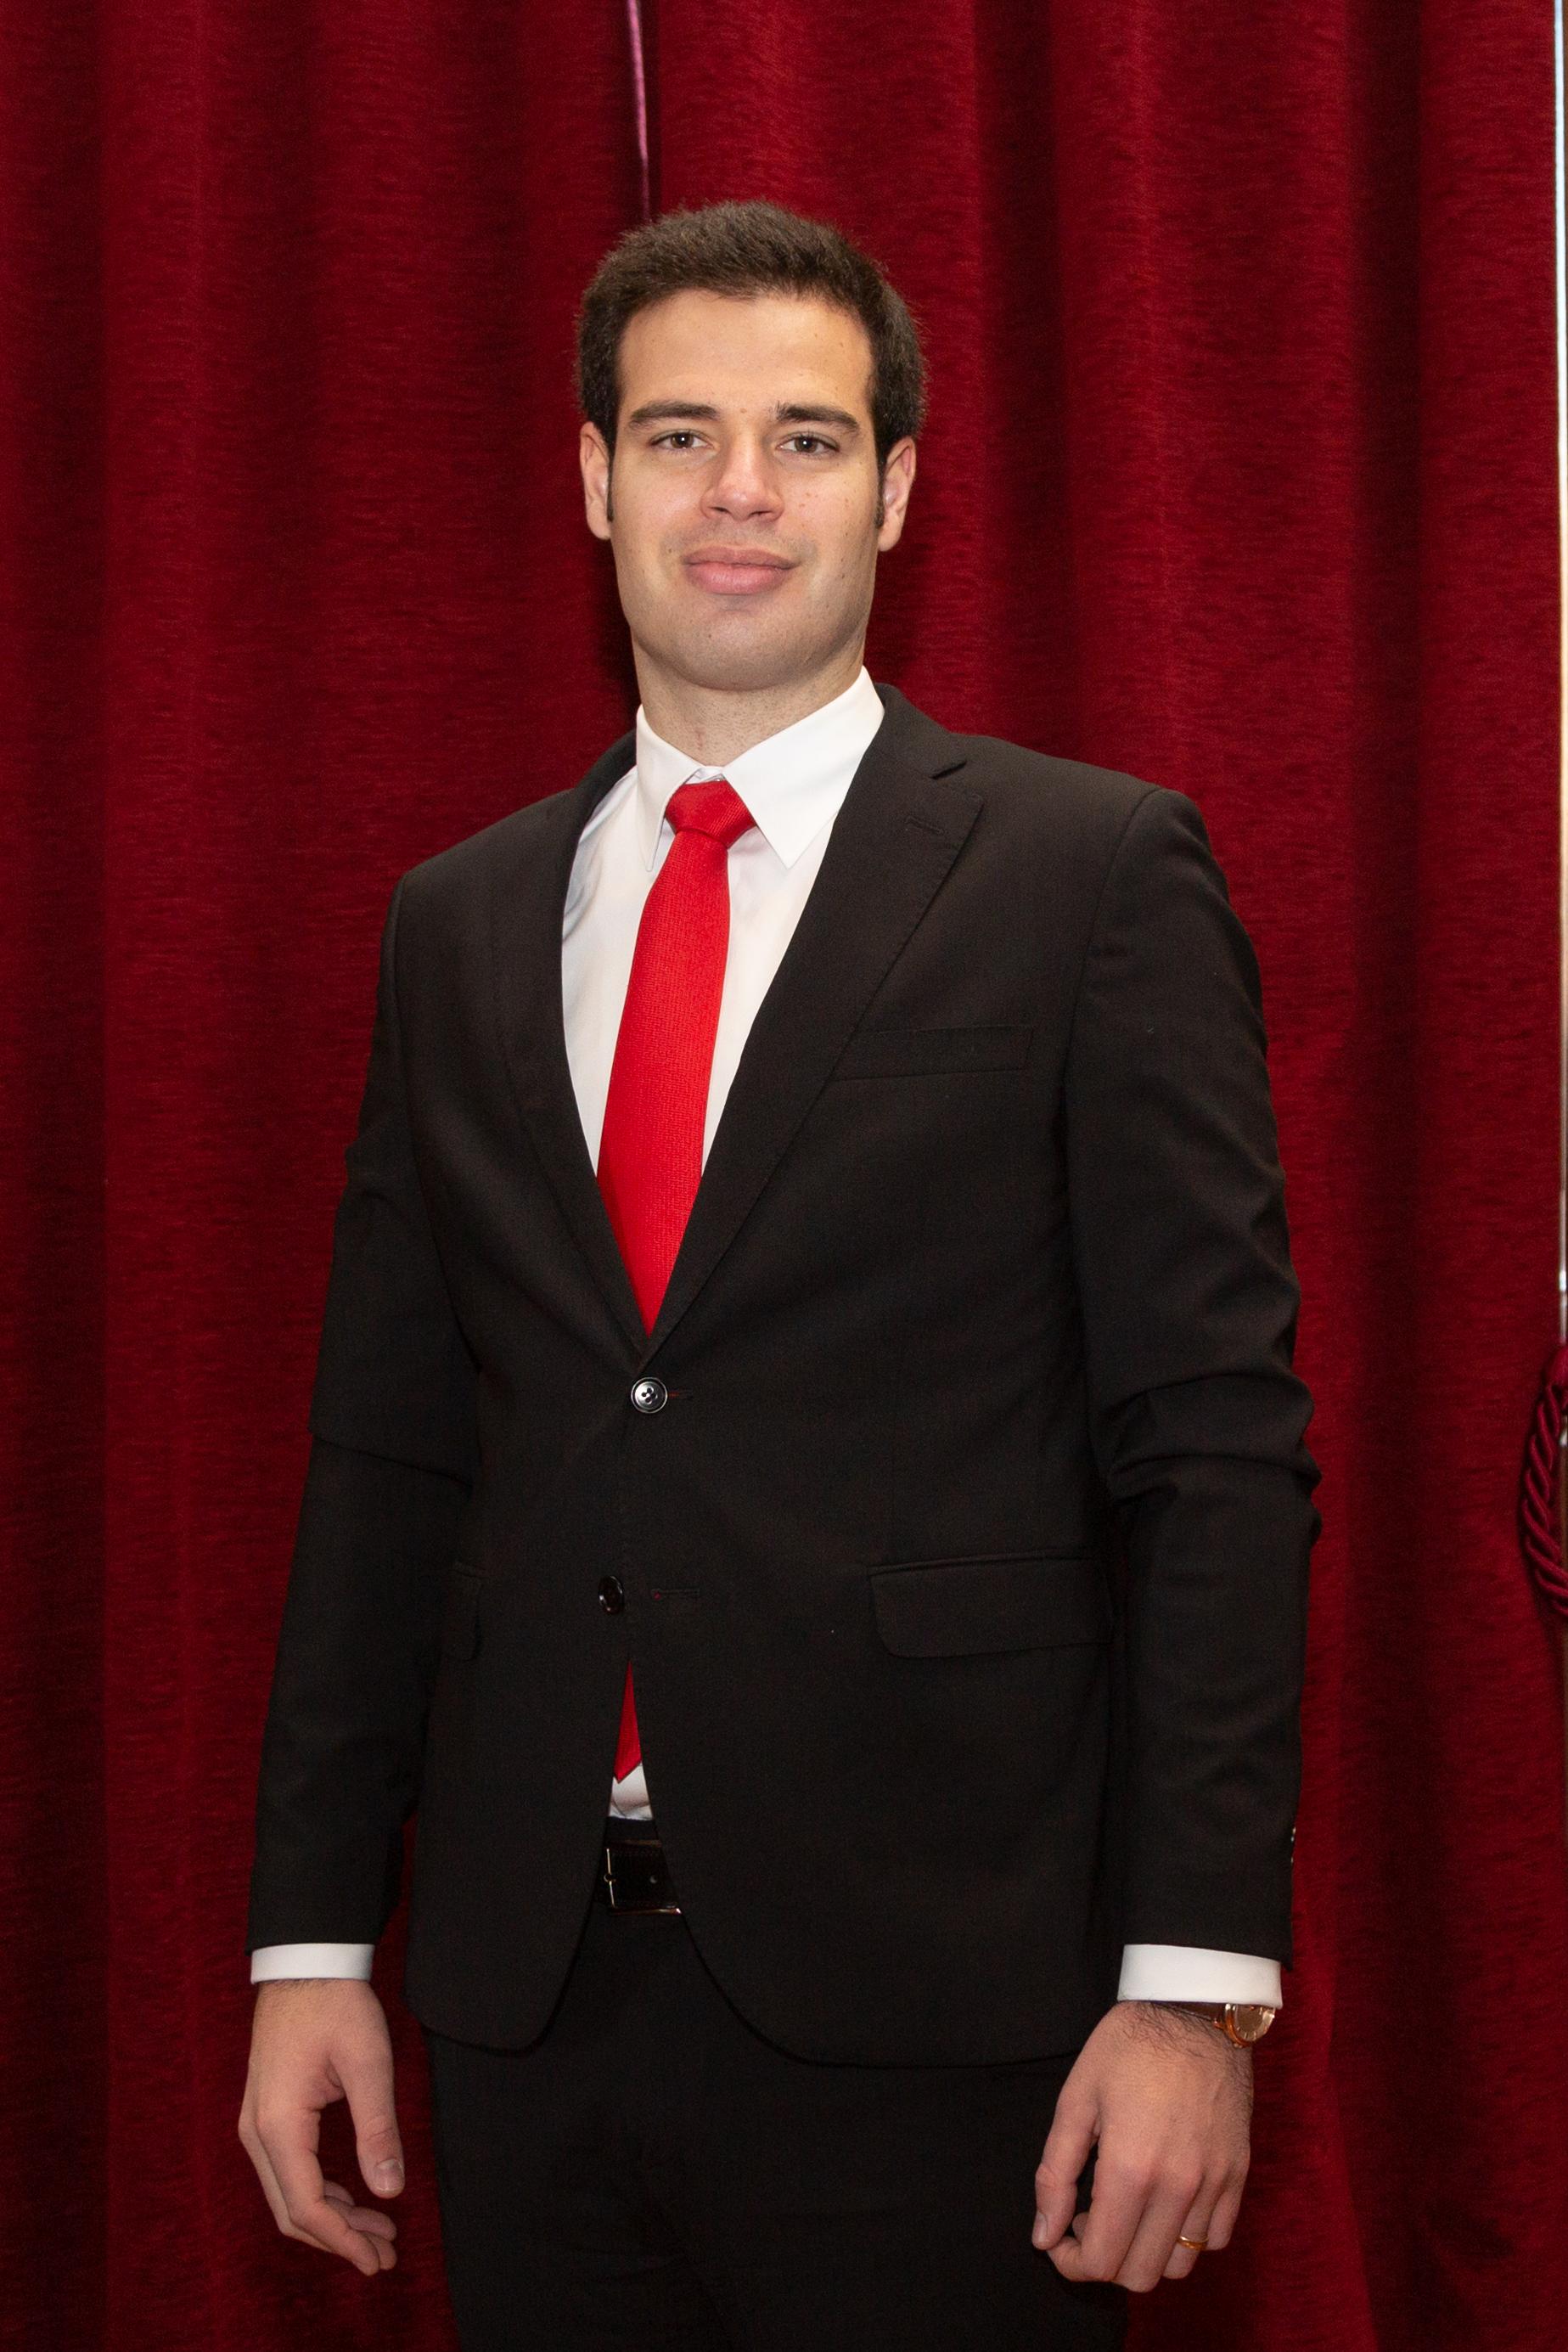 João Pedro Antunes Ferreira da Silva